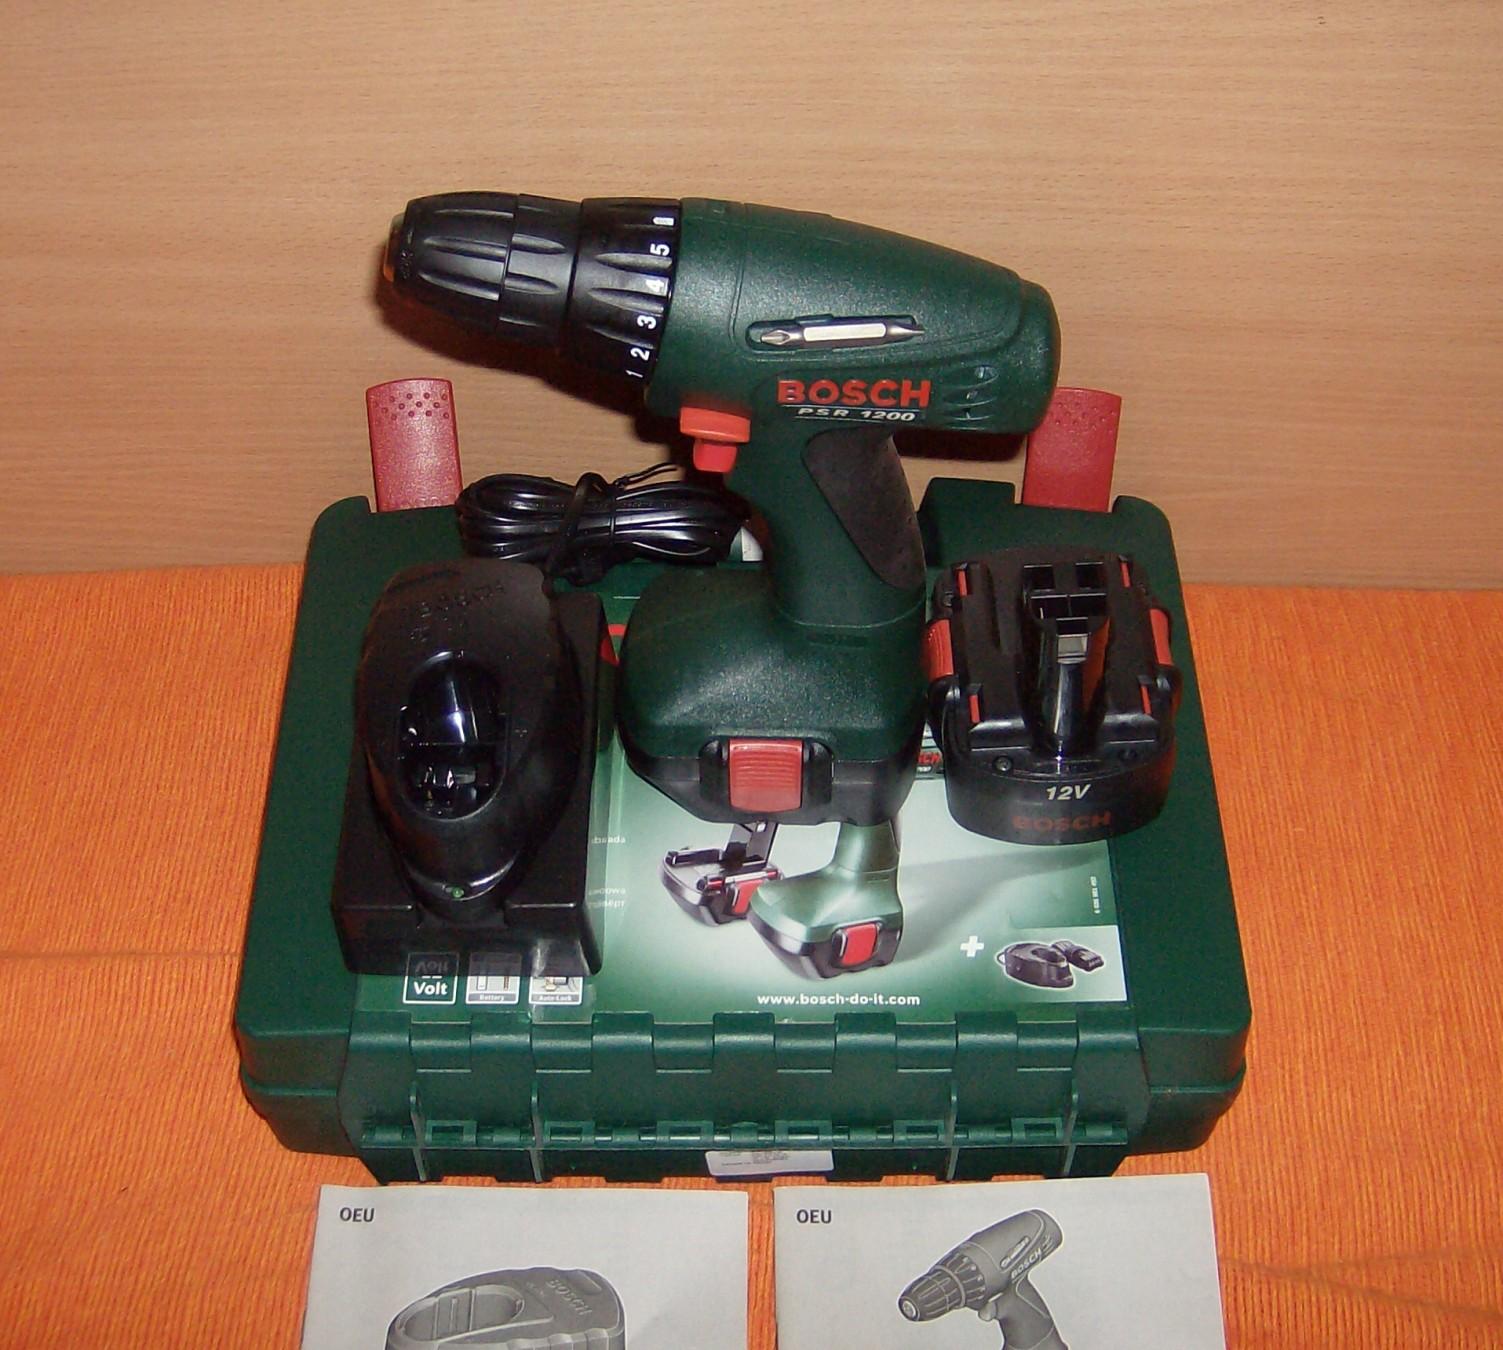 Bosch psr free bosch psr review with bosch psr top bosch psr with bosch psr good wkrtarka - Bosch psr 1200 li 2 ...